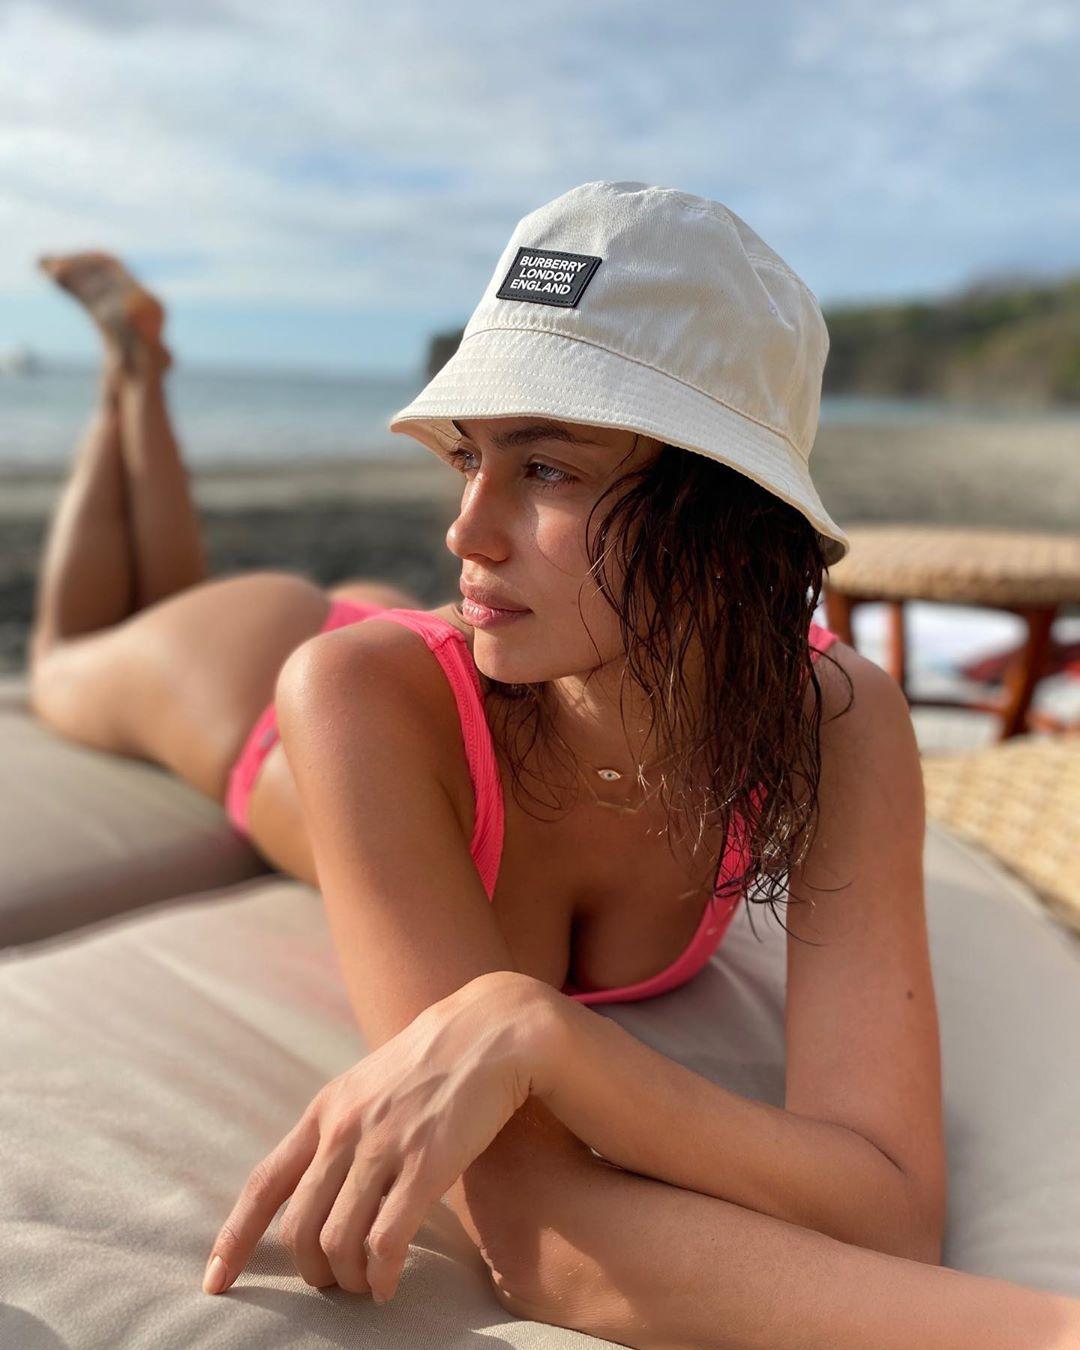 Ирина Шейк загорает на пляже в розовом купальнике и светлой панаме